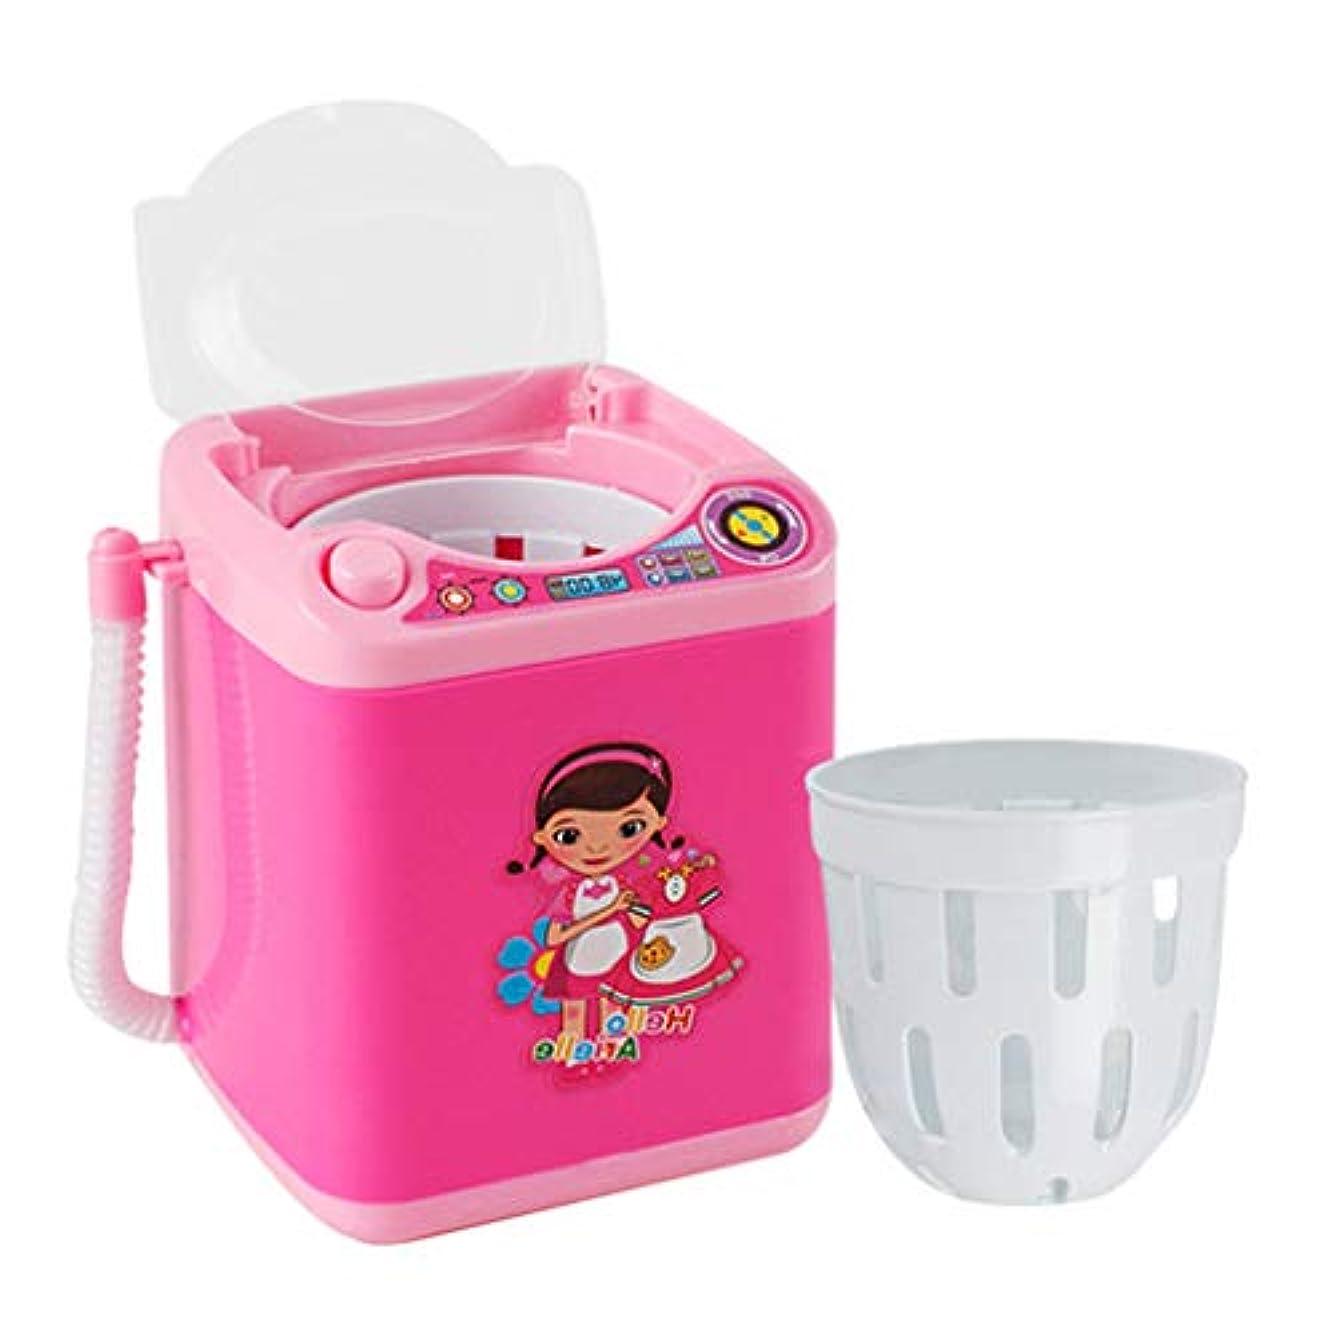 子供っぽいコンプライアンス食事を調理する化粧ブラシクリーナー装置 自動化粧ブラシクリーナー 化粧収納ボックス 洗濯機ミニ玩具 (ピンク)